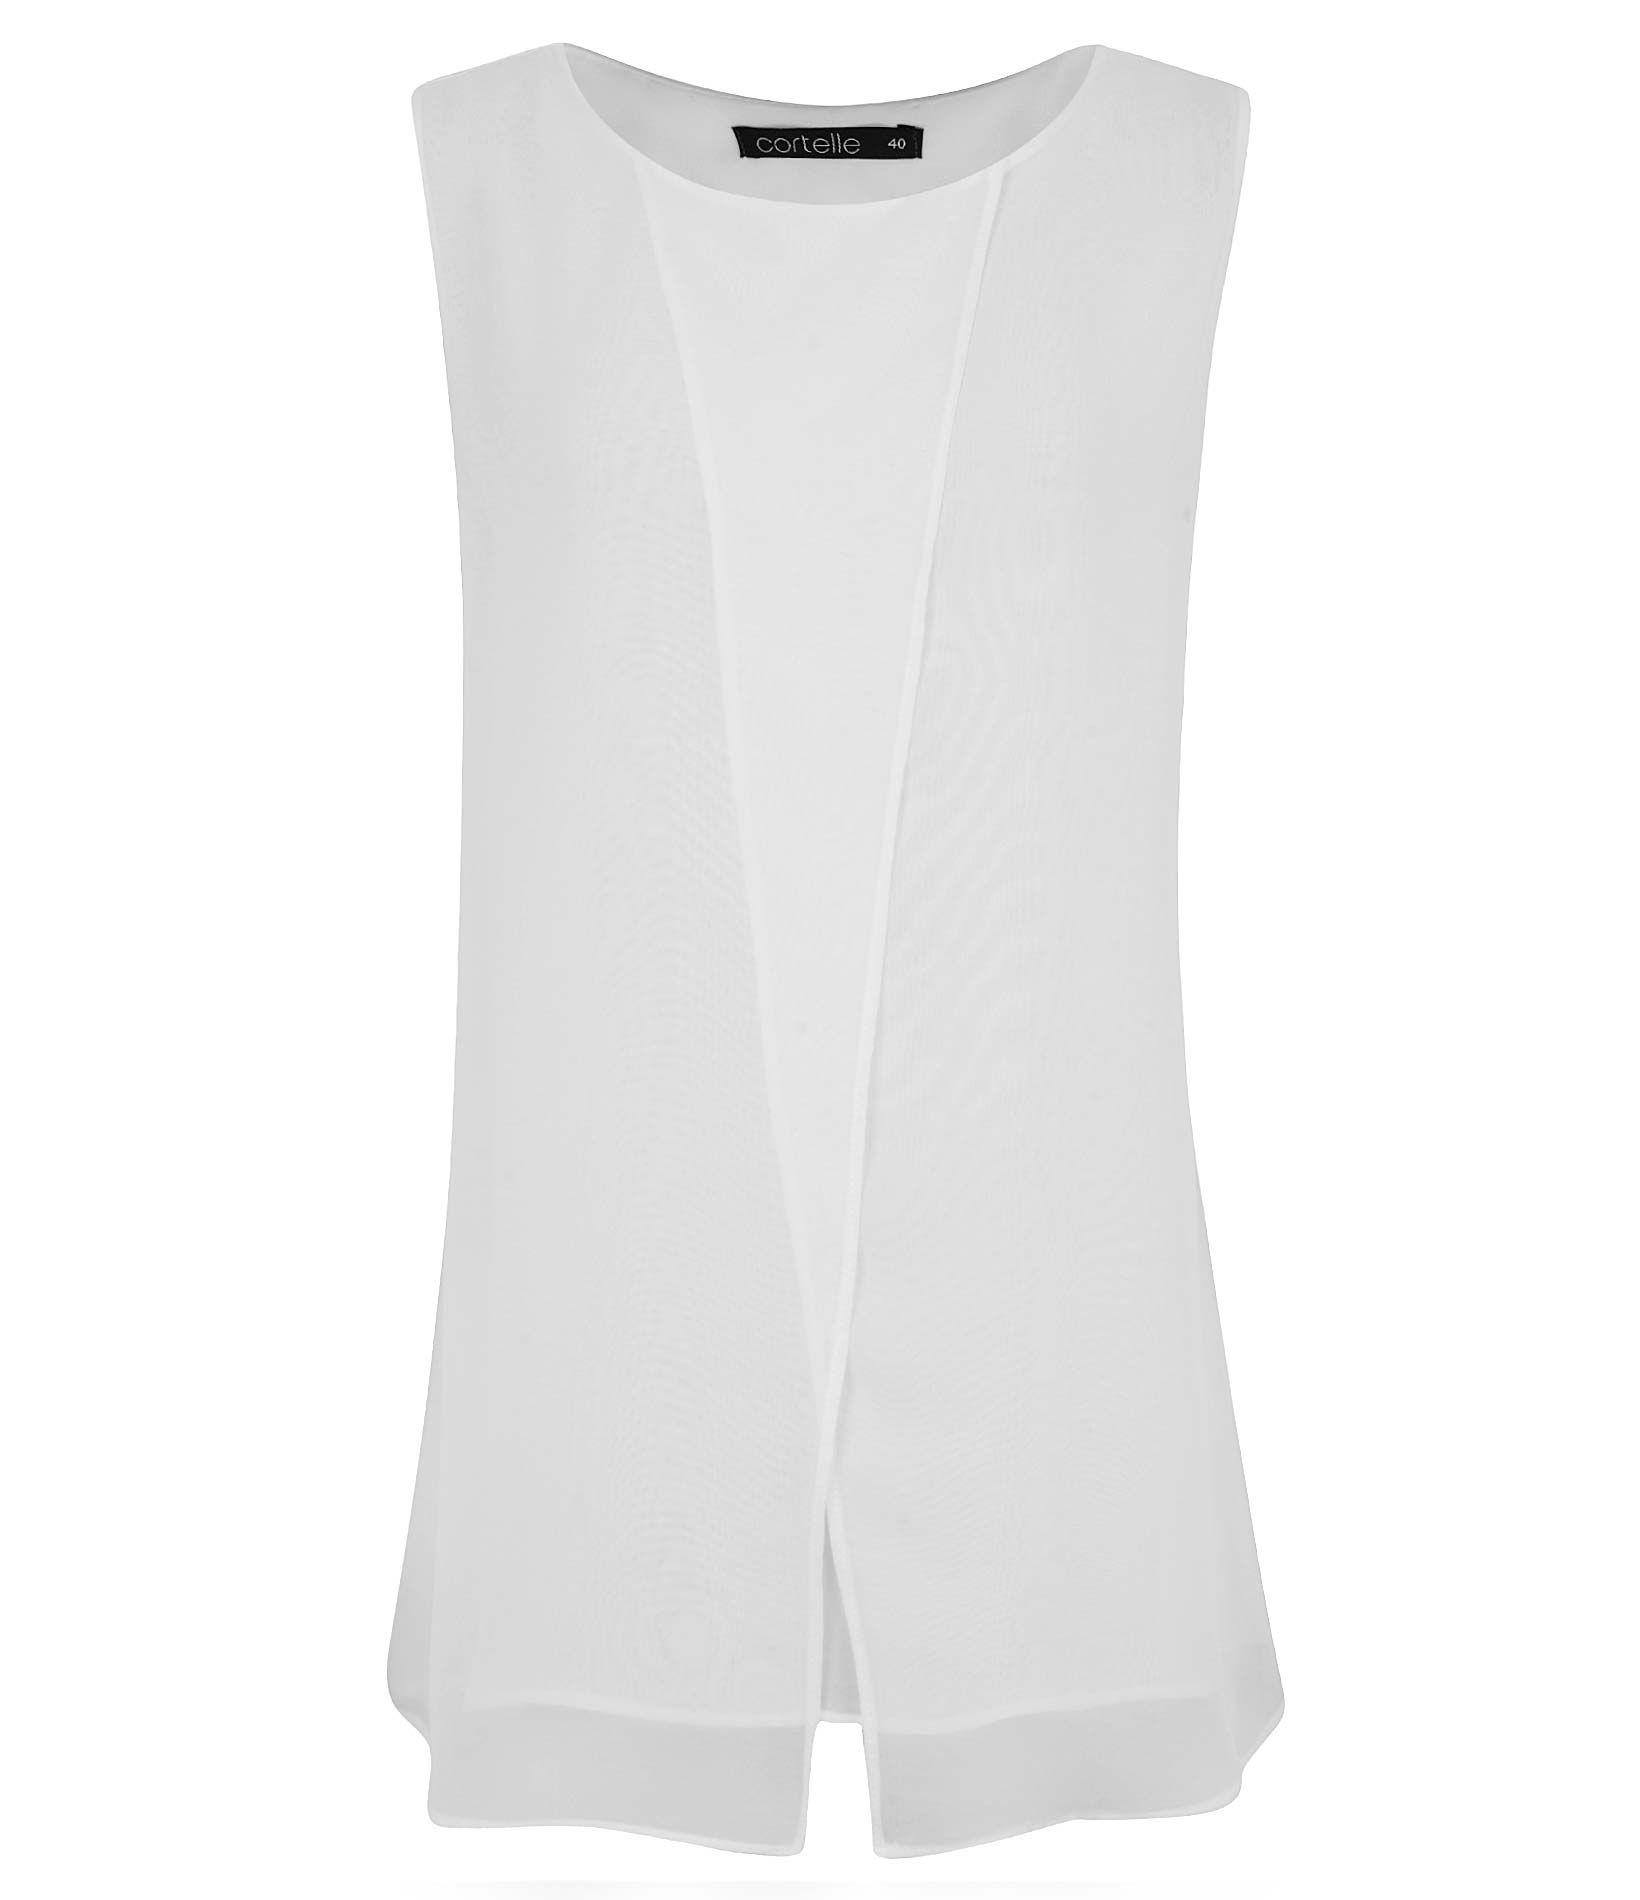 Blusa em crepe modelo sem manga e decote redondo, recorte vertical na parte frontal.